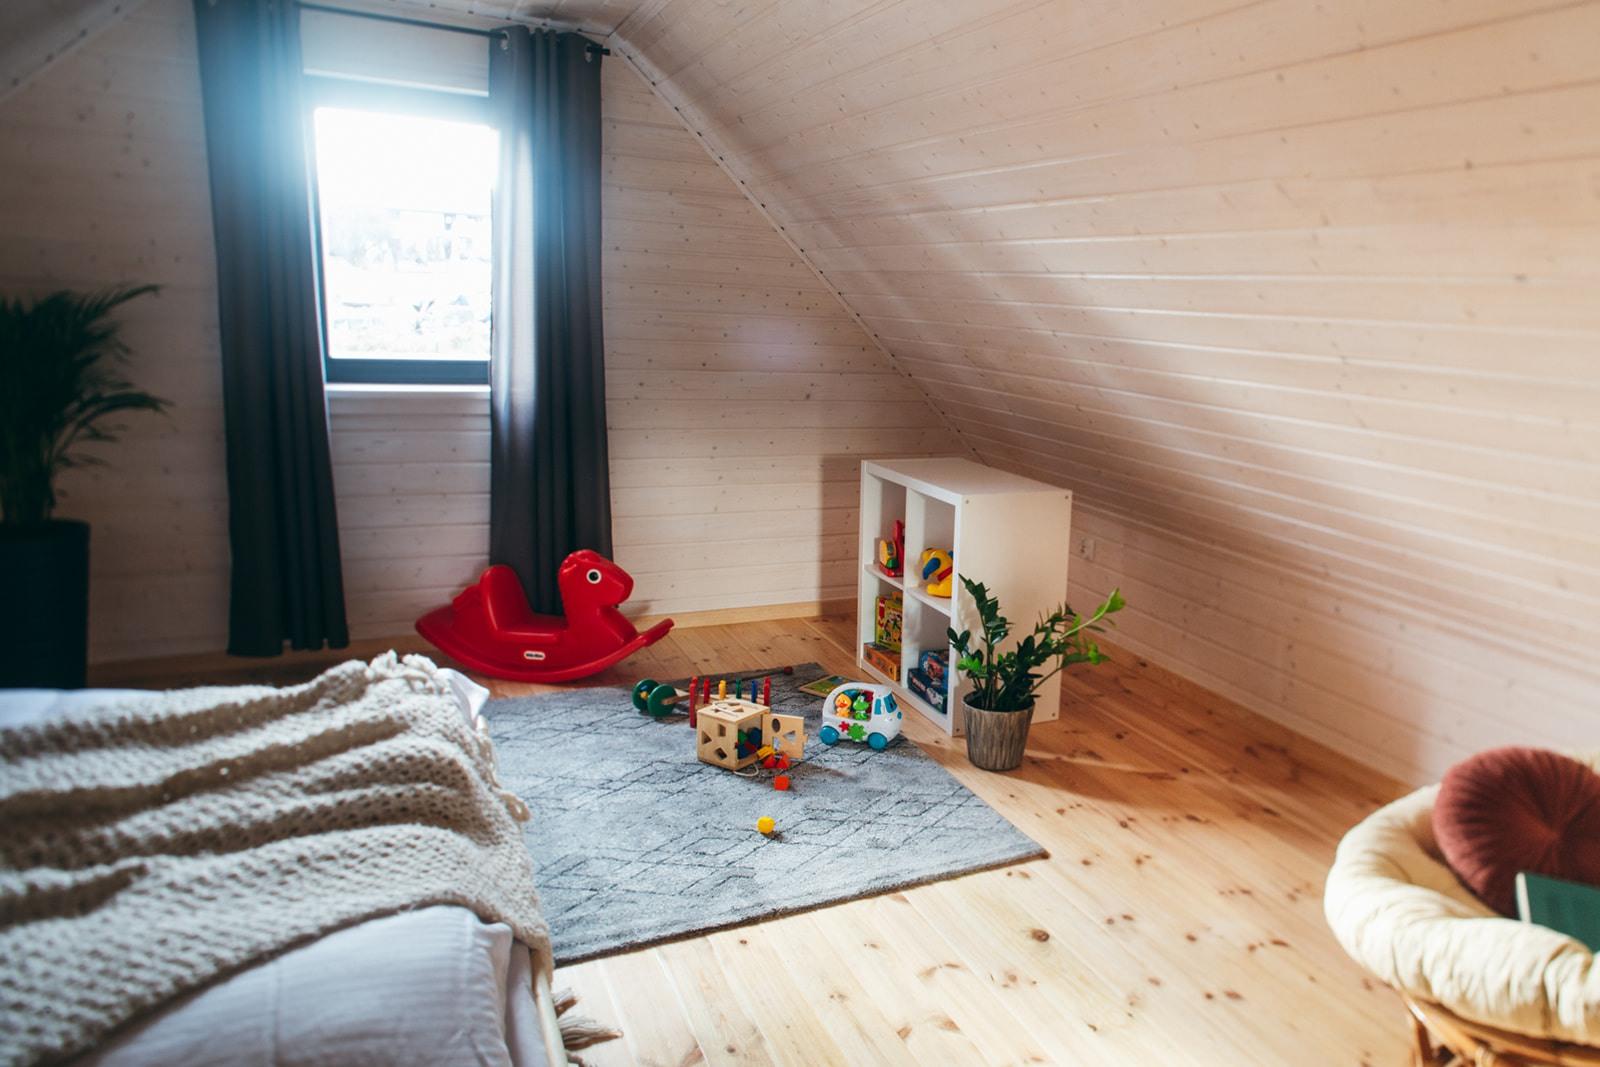 Domki nad Jeziorem Żywieckim, wnętrze sypialnia duża, przestrzeń zabawowa